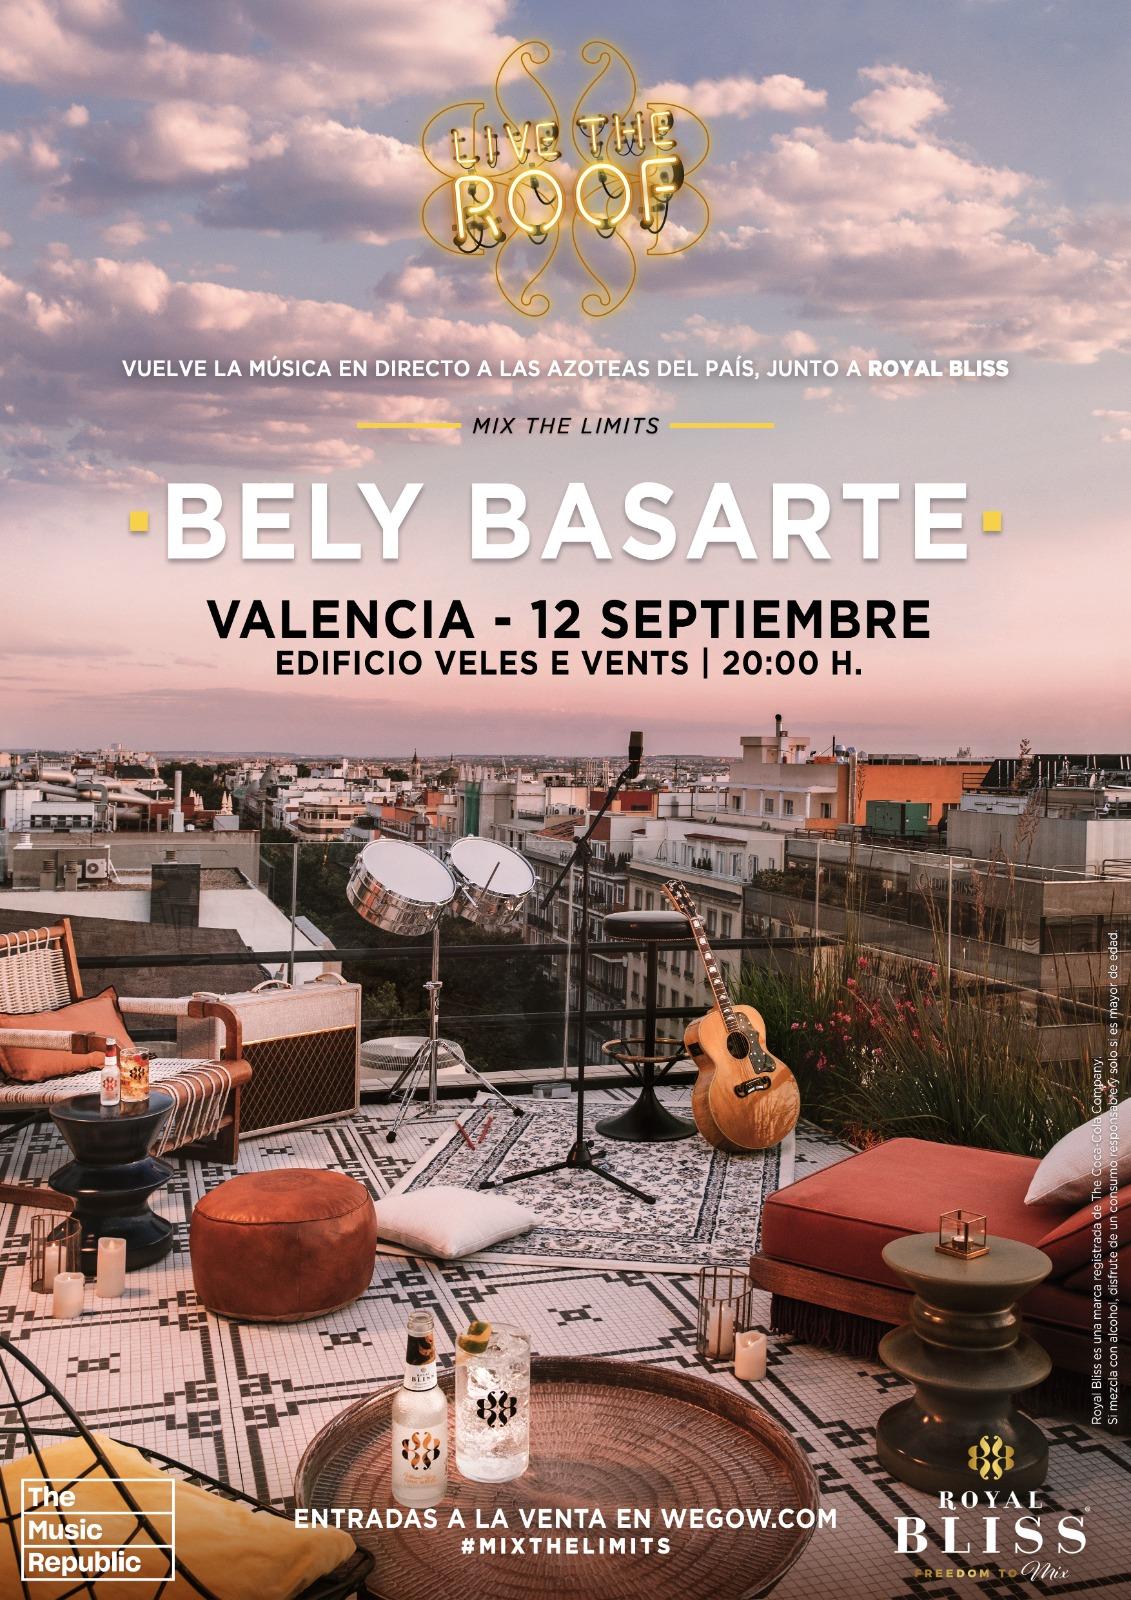 bely basarte en live the roof valencia 1626167579008892